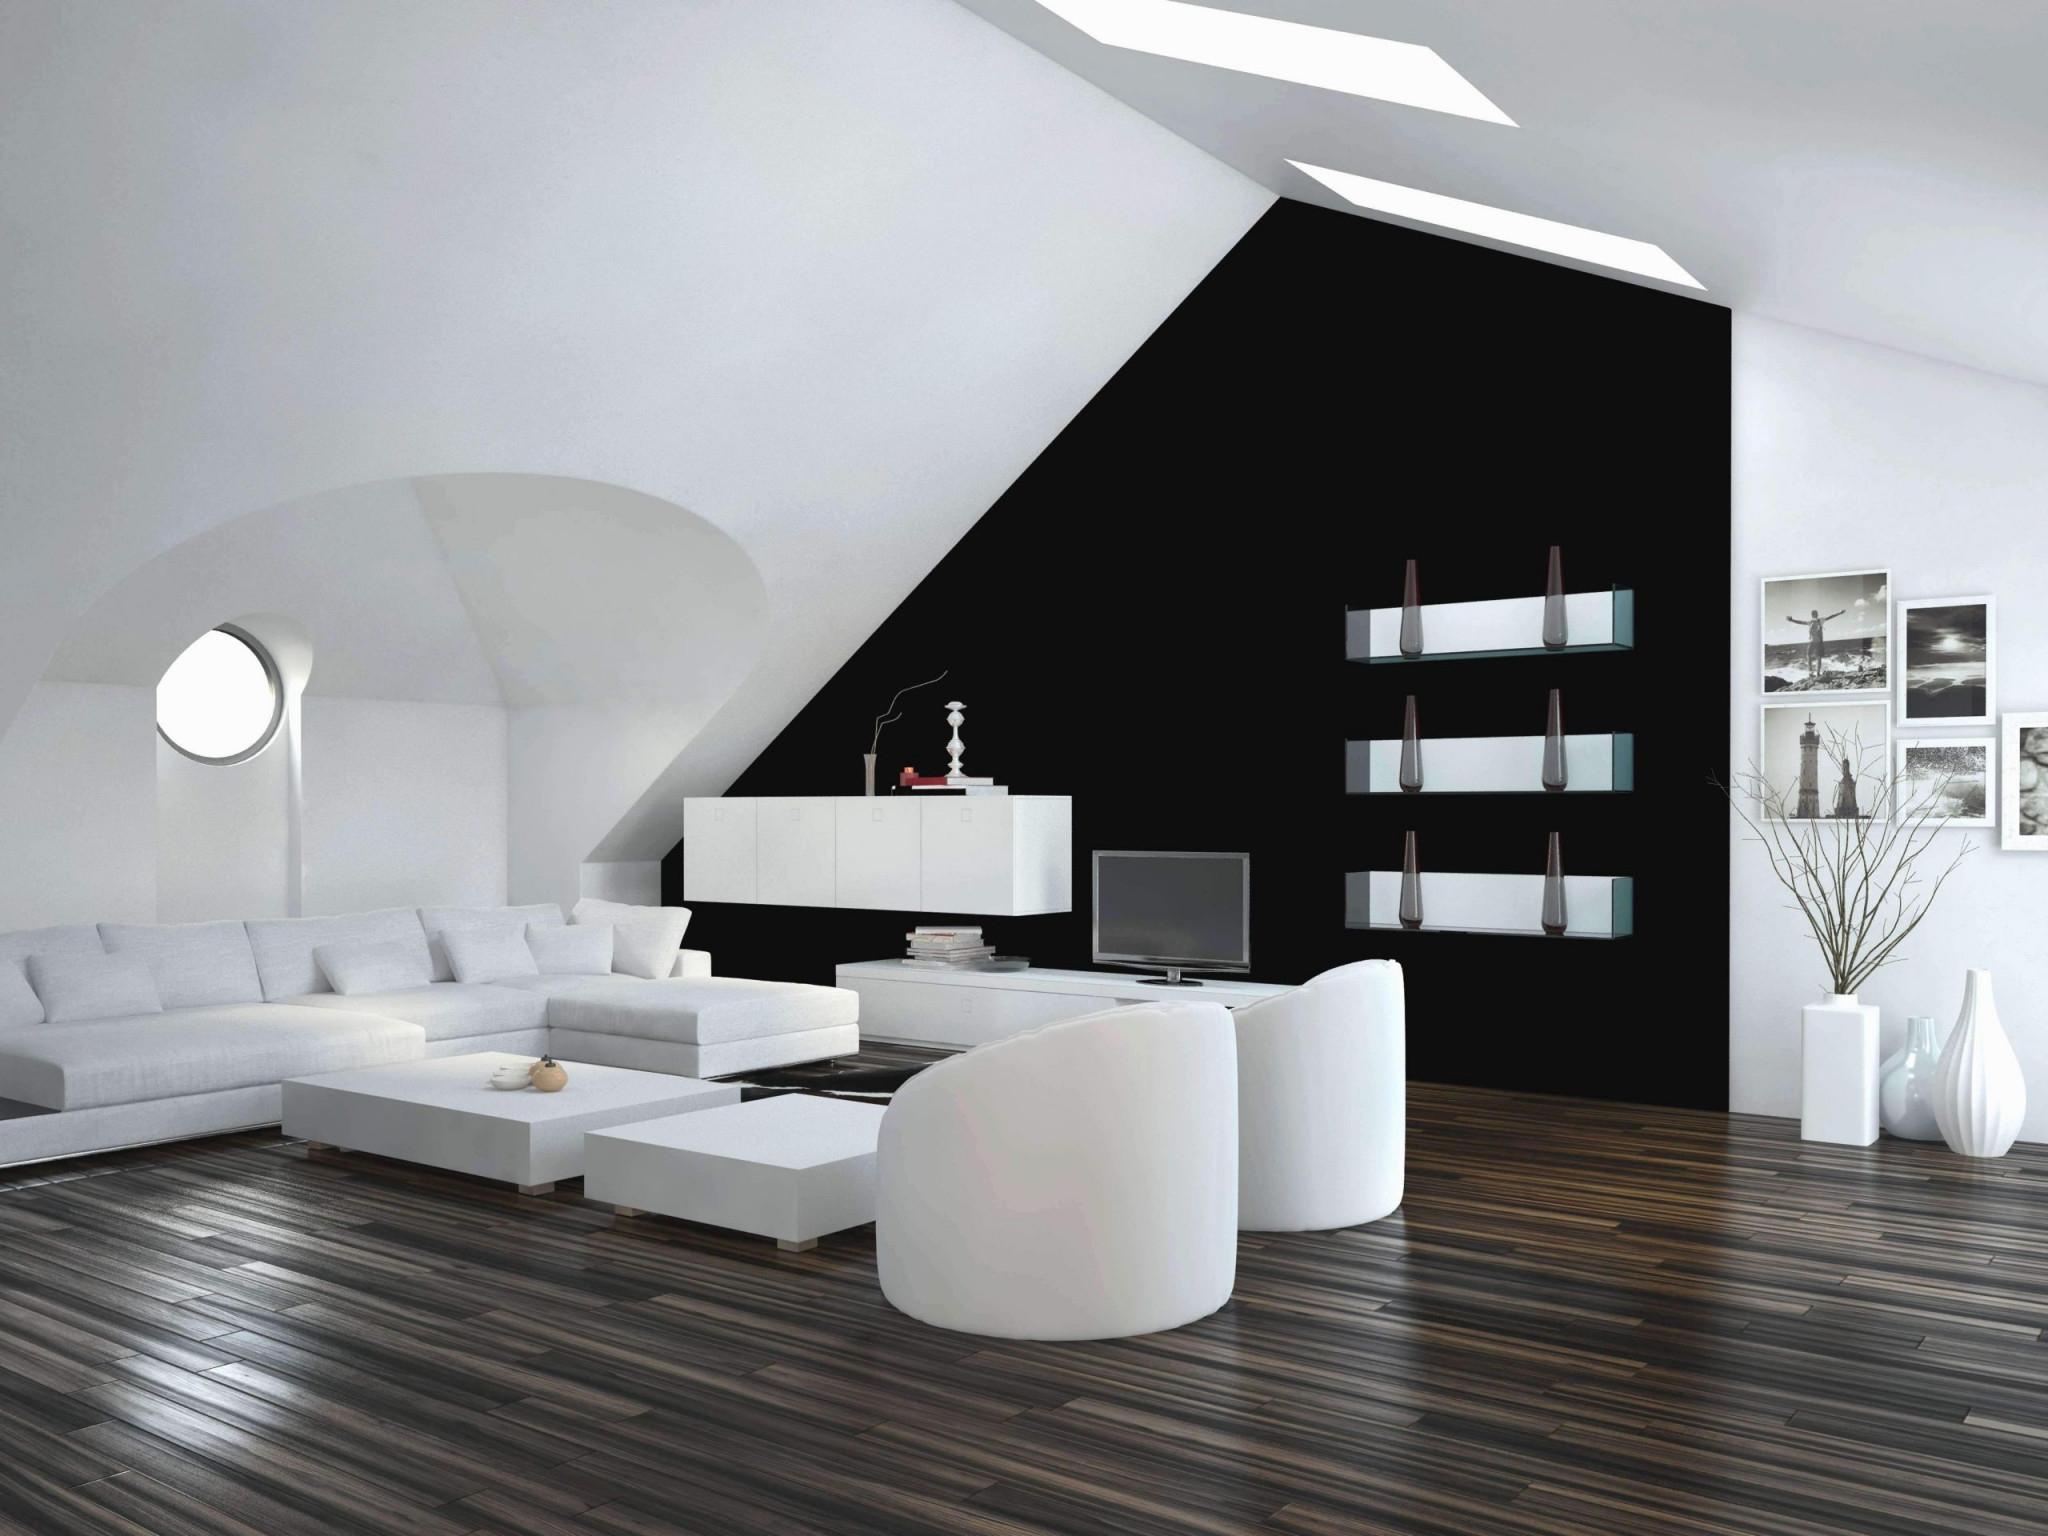 Wohnzimmer Deko Ideen Holz – Caseconrad von Schöne Wohnzimmer Deko Bild